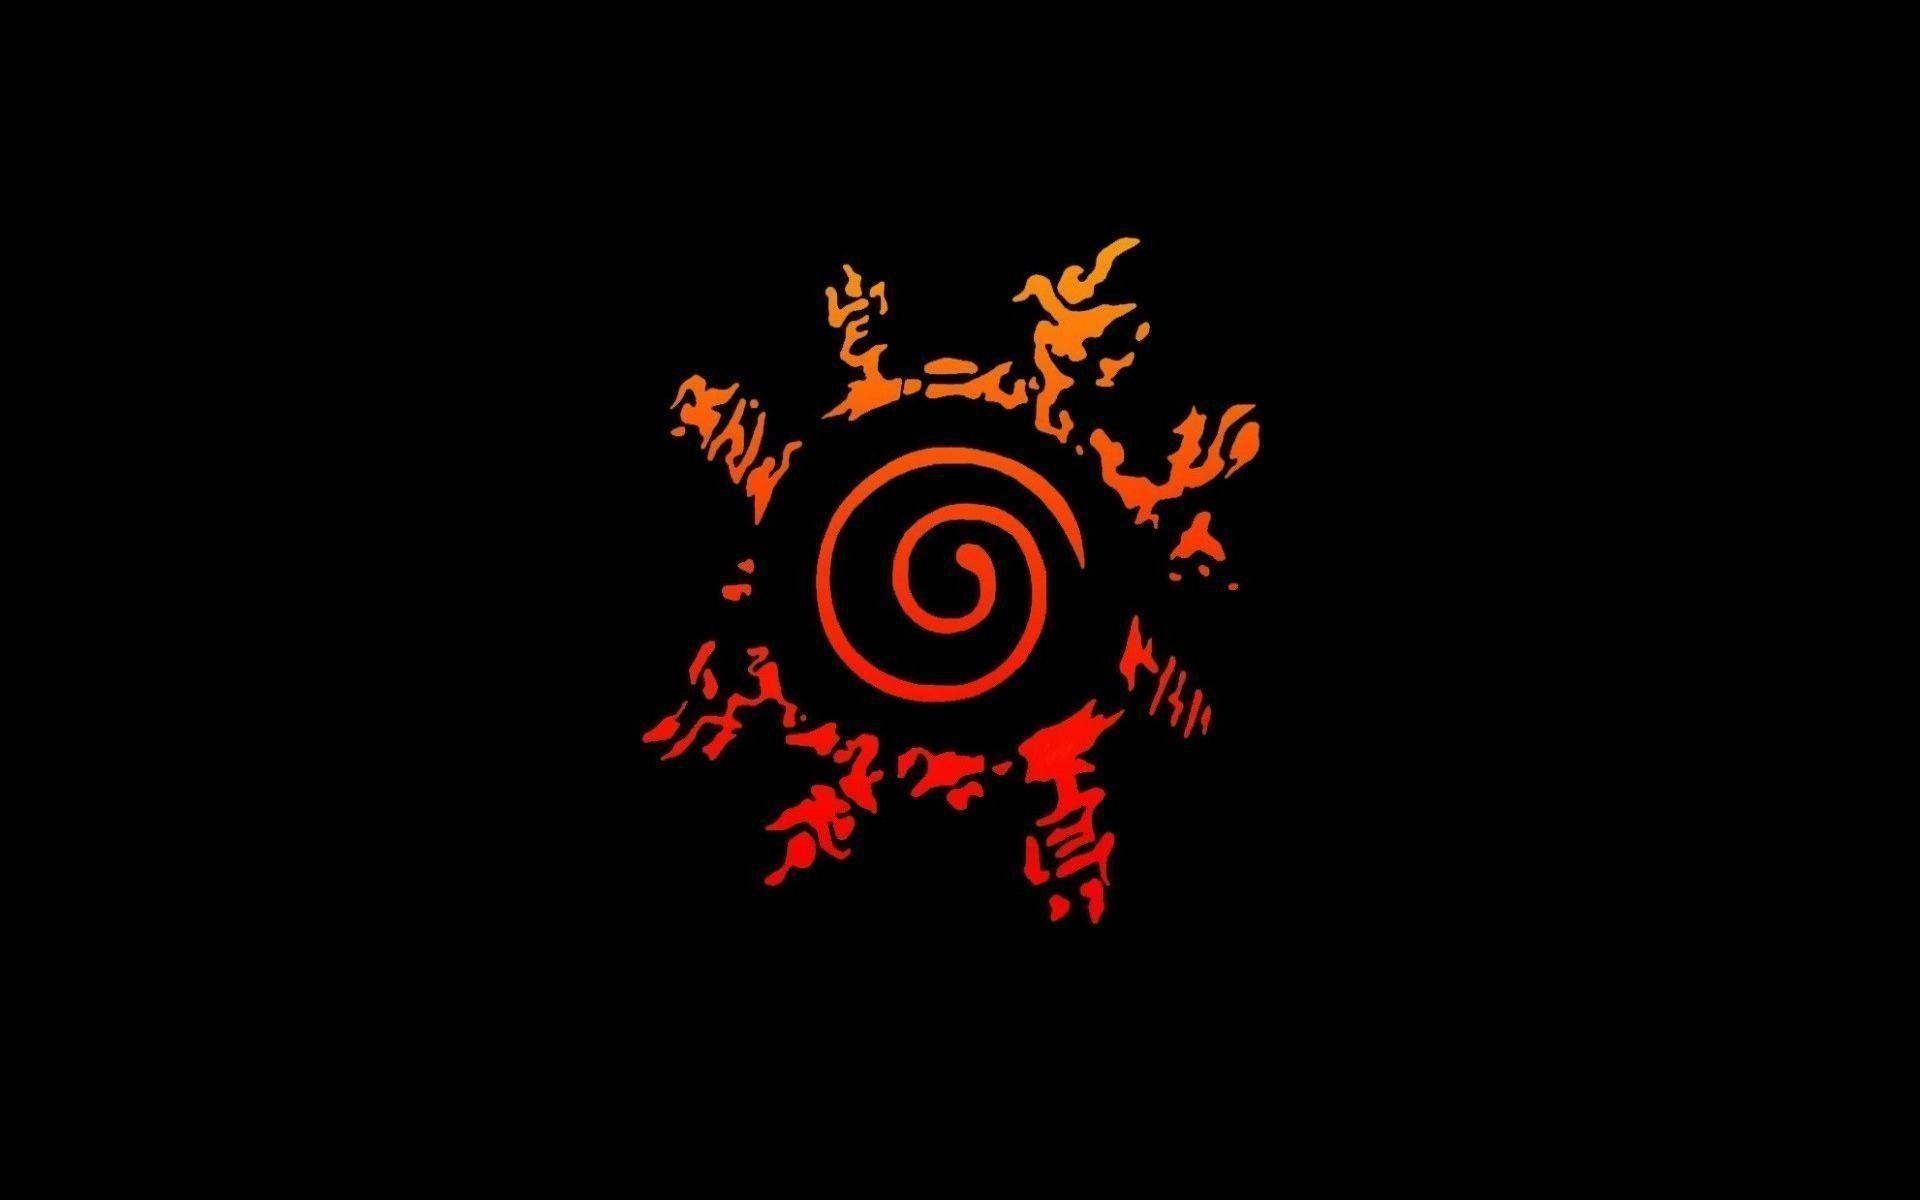 … Naruto Uzumaki Sign WallPaper HD – IMASHON.